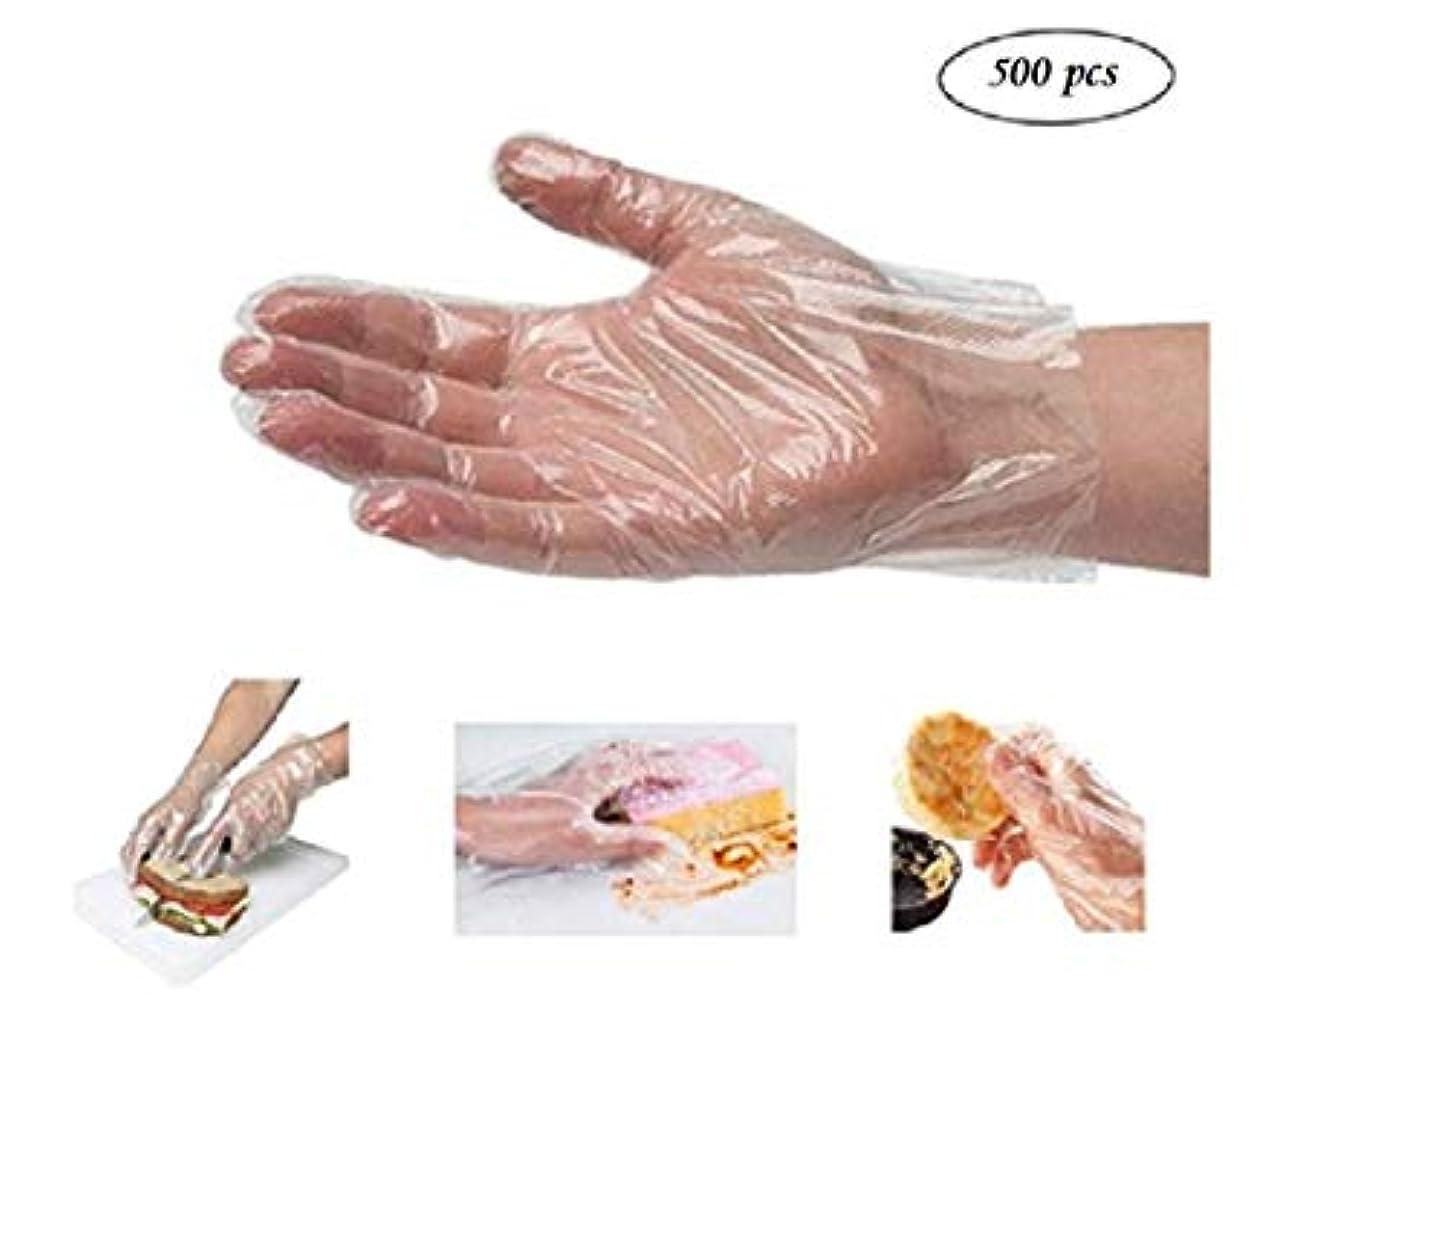 戻る予約スクラッチ(5) - BYP Clear Disposable Plastic High Density Polyethylene Gloves Sterile Disposable Safety Gloves(500 Sheets...